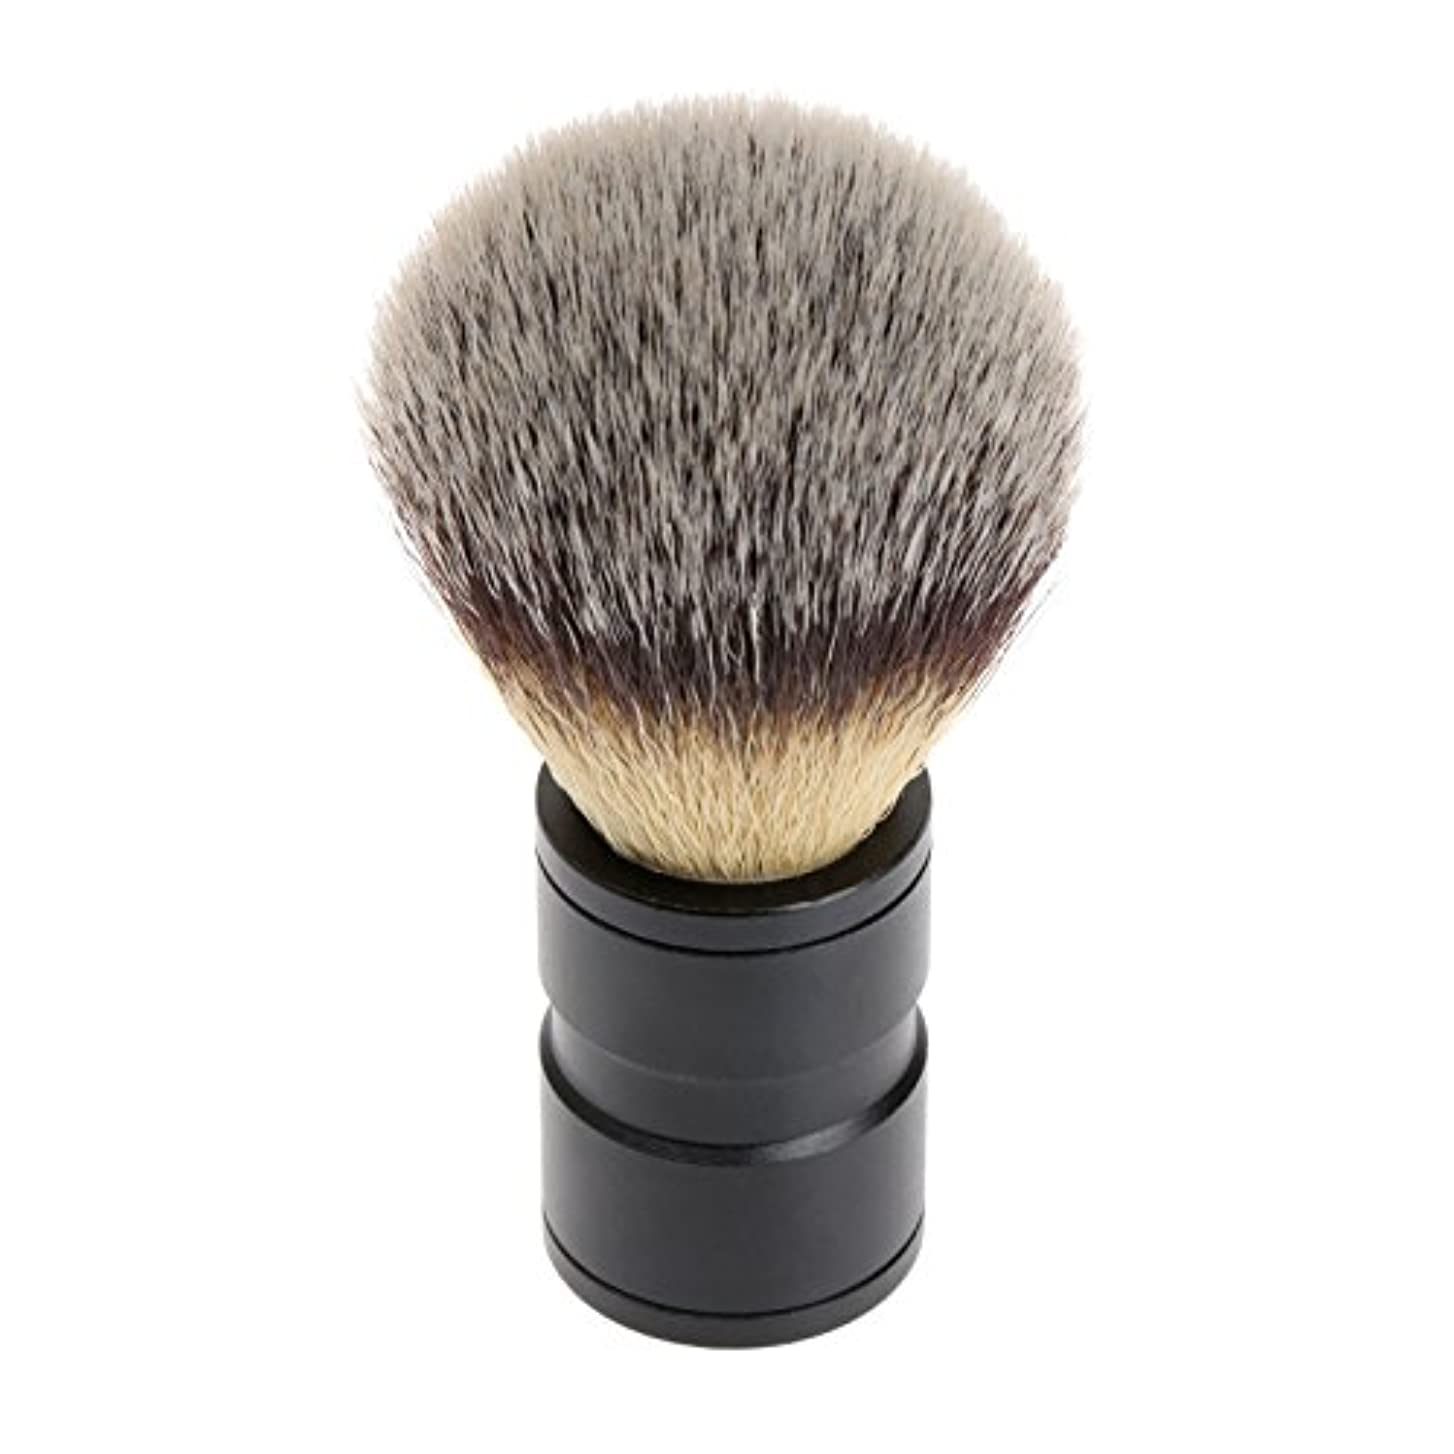 非難ギャラリー電化するシェービング ブラシ 理容 洗顔 髭剃り マッサージ 効果 ナイロン毛 メンズ